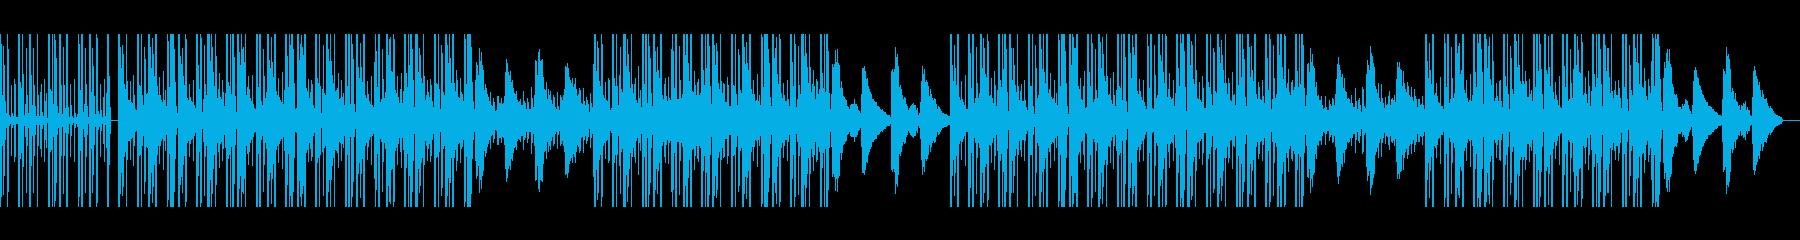 Lofi Hiphop ビーチでチルの再生済みの波形